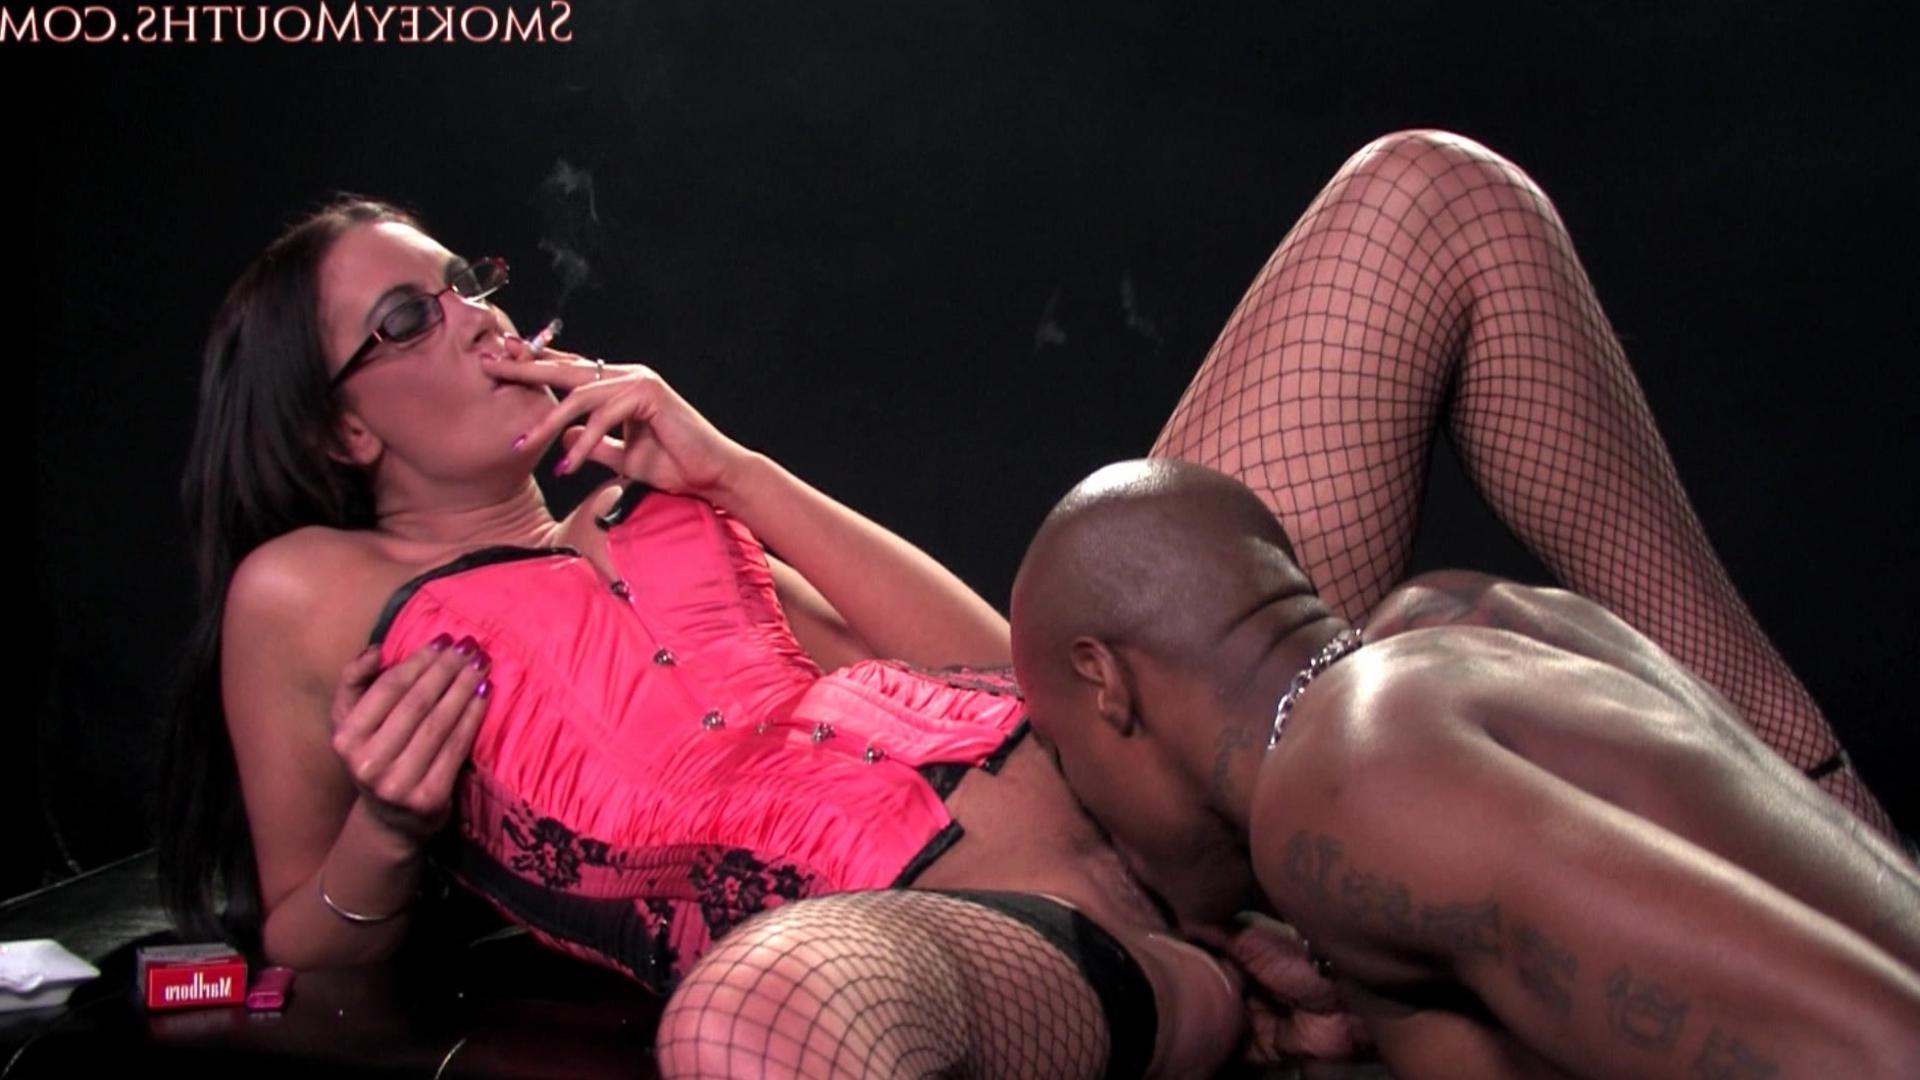 Смотреть бесплатно онлайн секс девушка сел сперм негр большой член 27 фотография